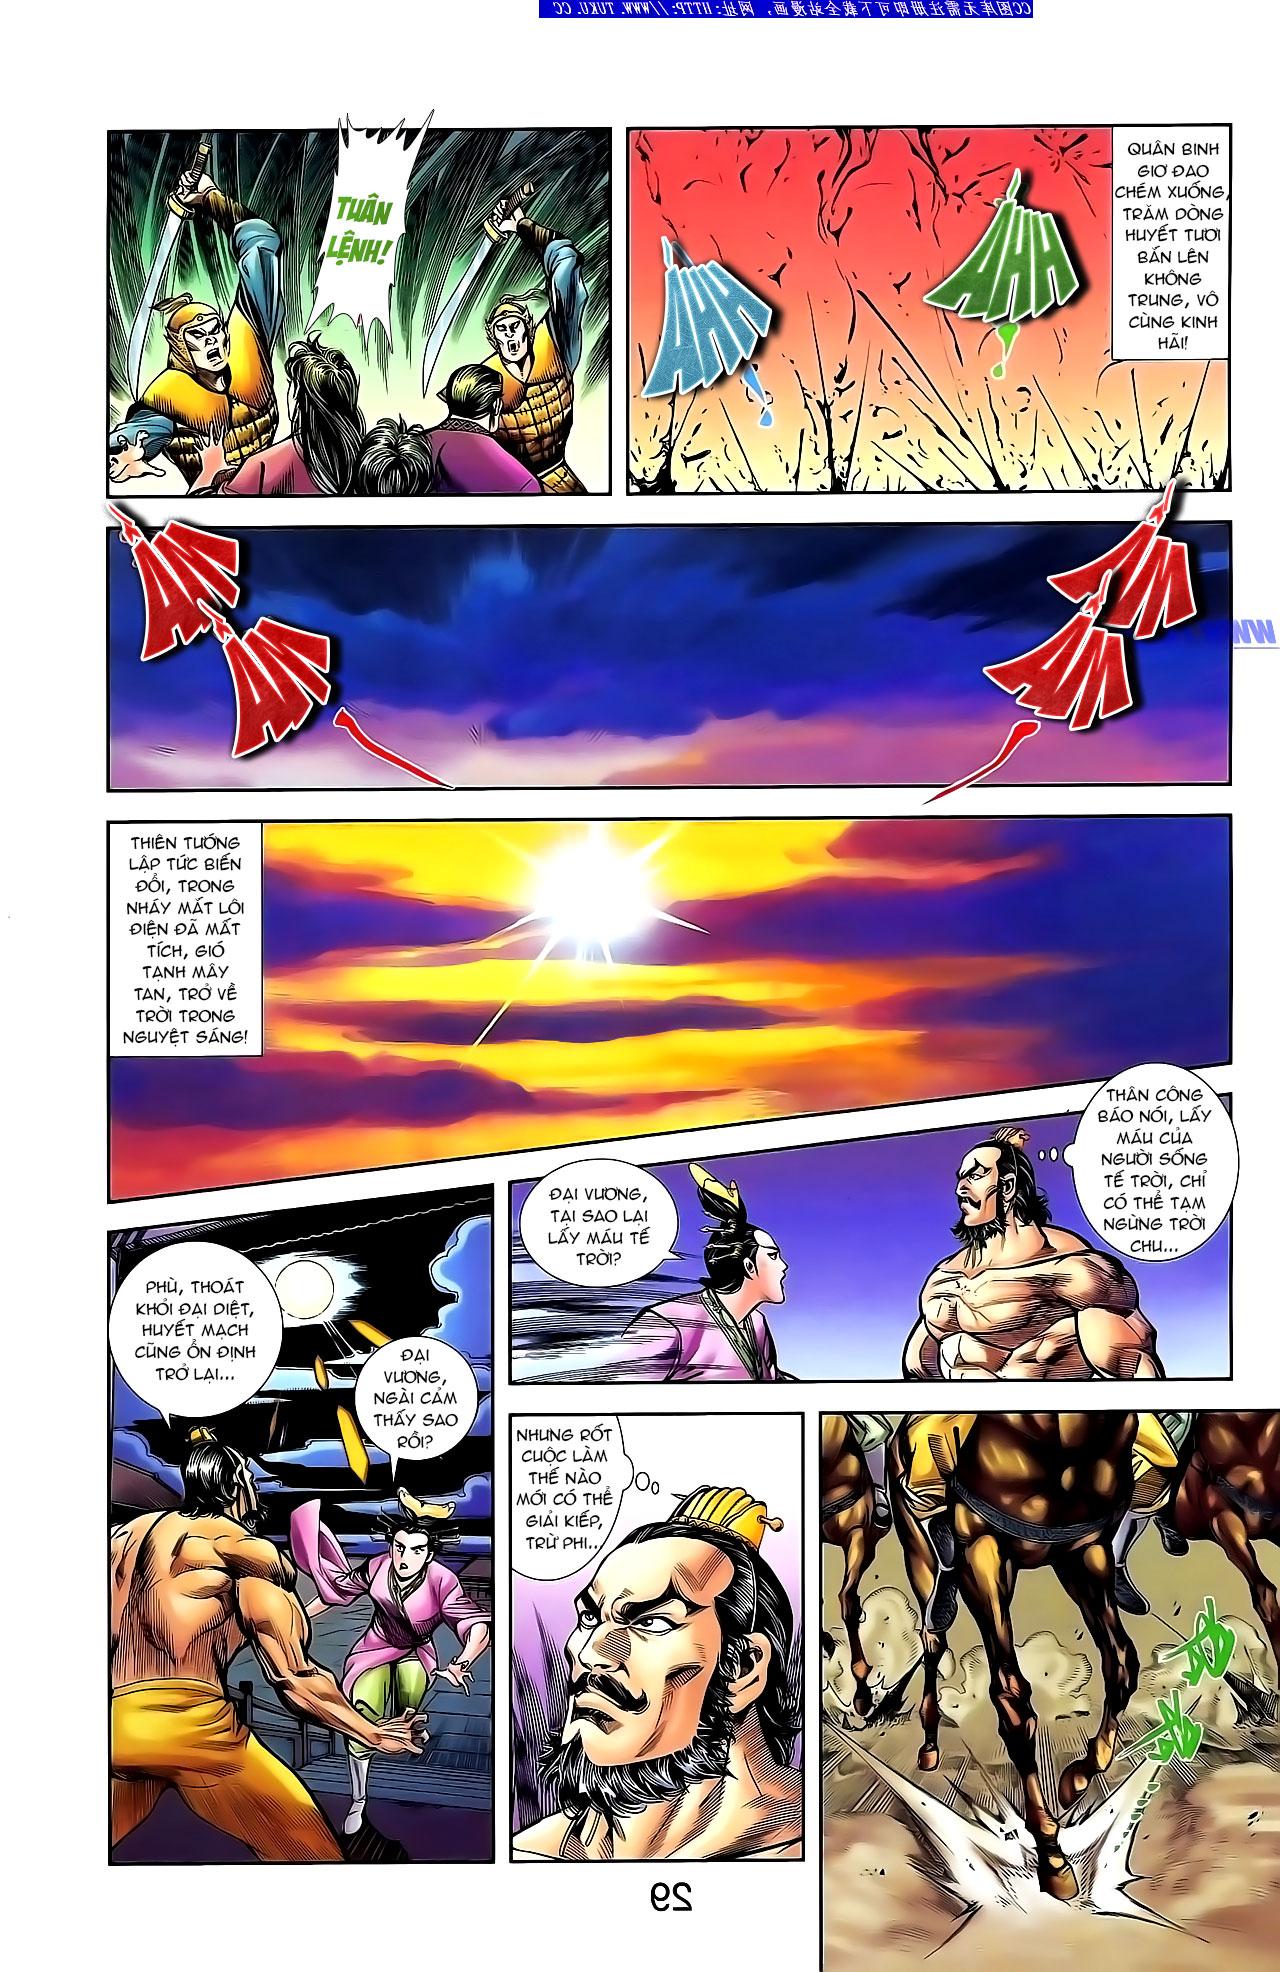 Cơ Phát Khai Chu Bản chapter 133 trang 10